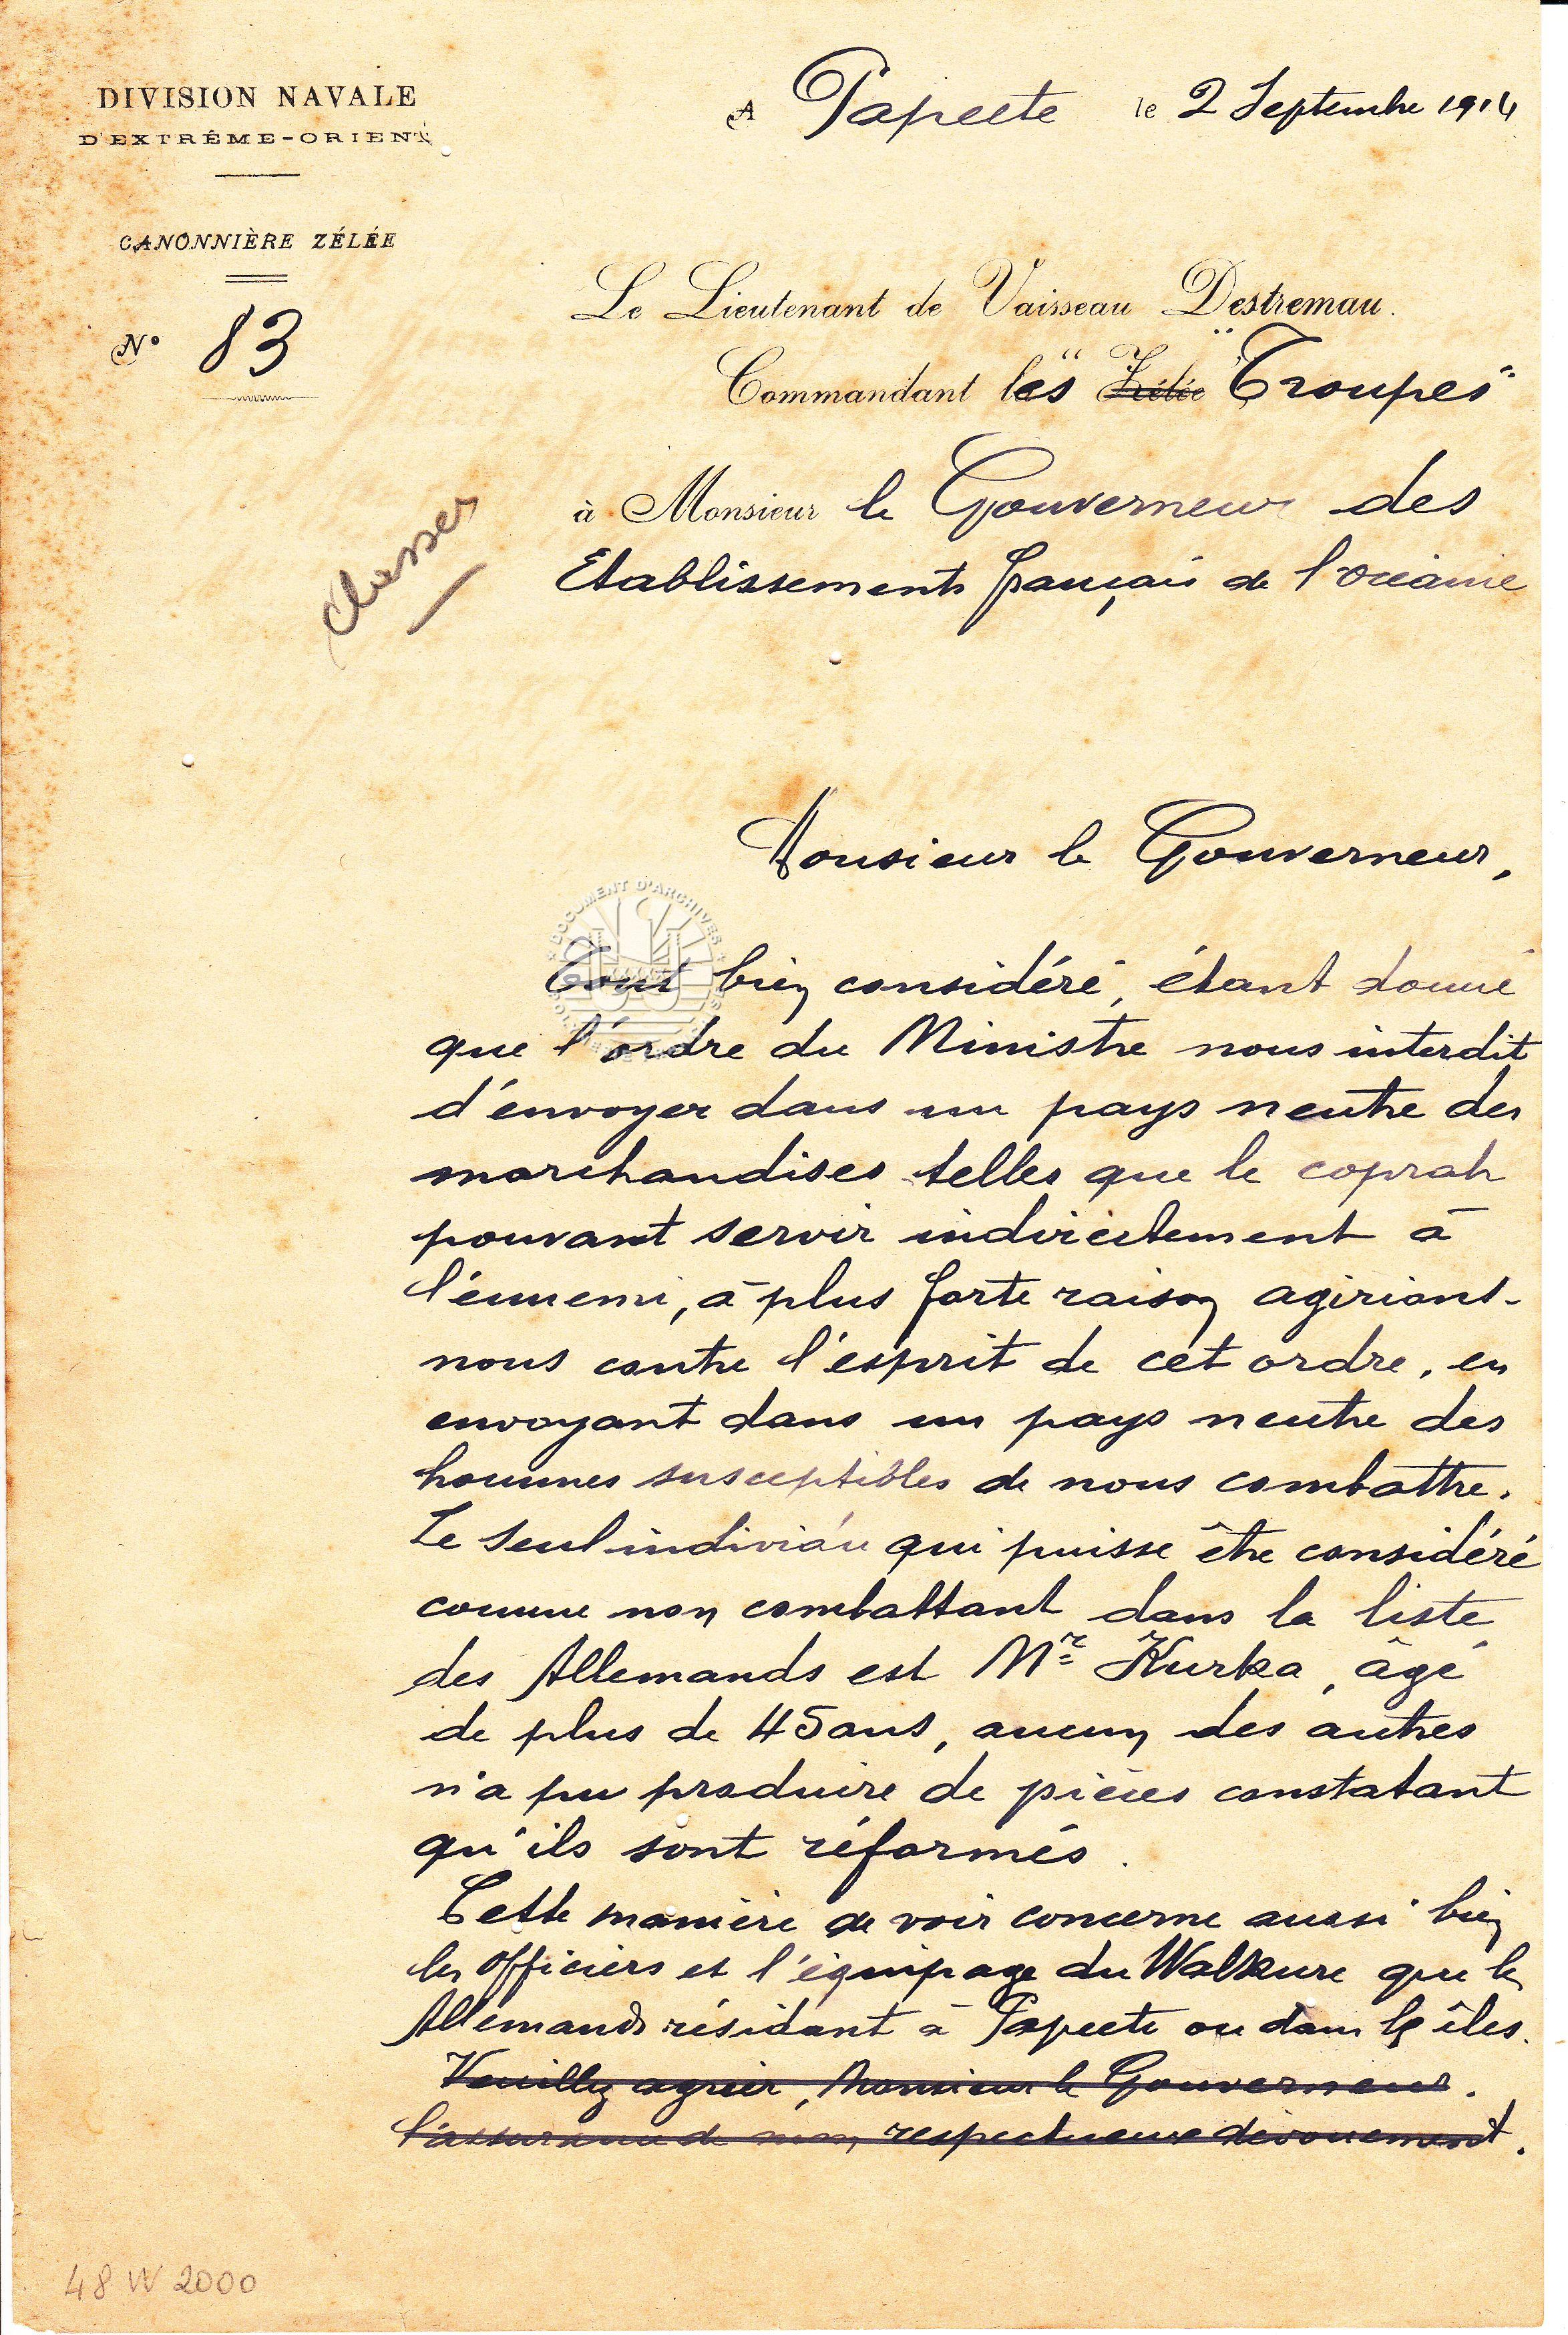 Lettre du Lieutenant de vaisseau Destremau commandant les troupes à M. le gouverneur des Etablissements français de l'Océanie du 2 septembre 1914